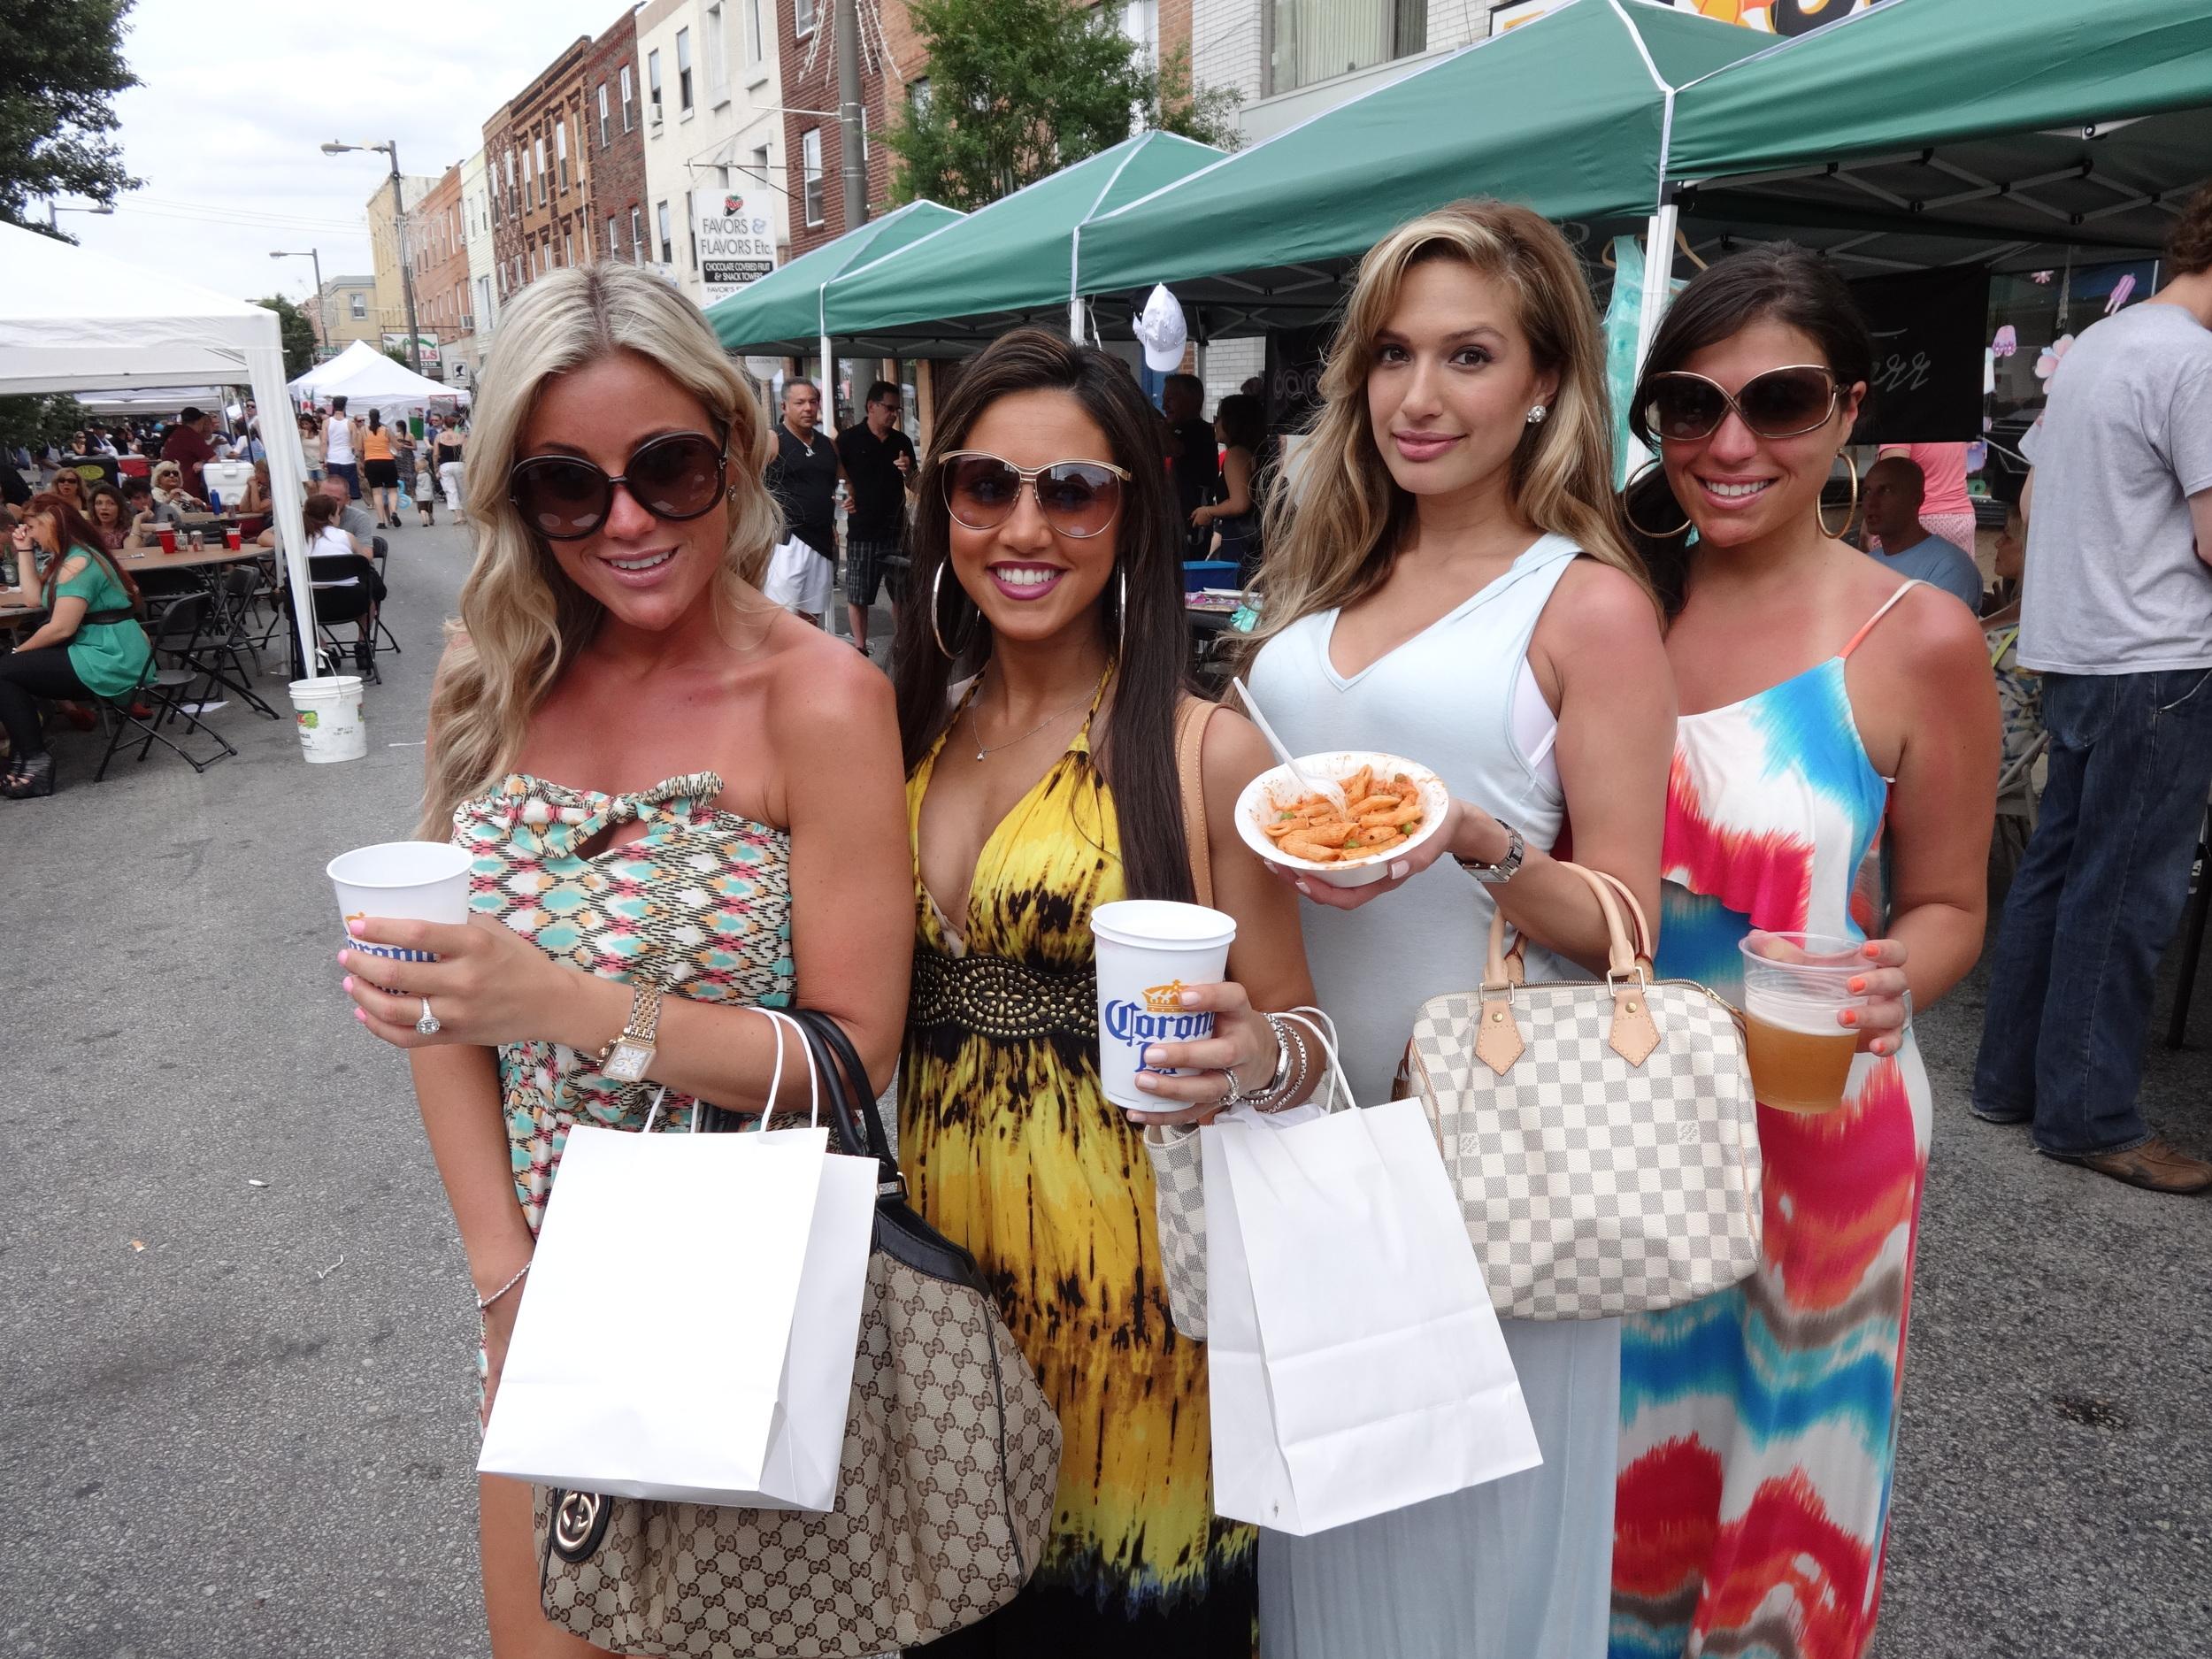 East Passyunk, Craft Beer Day, La Festa Italian National Day, Philly Beer Week